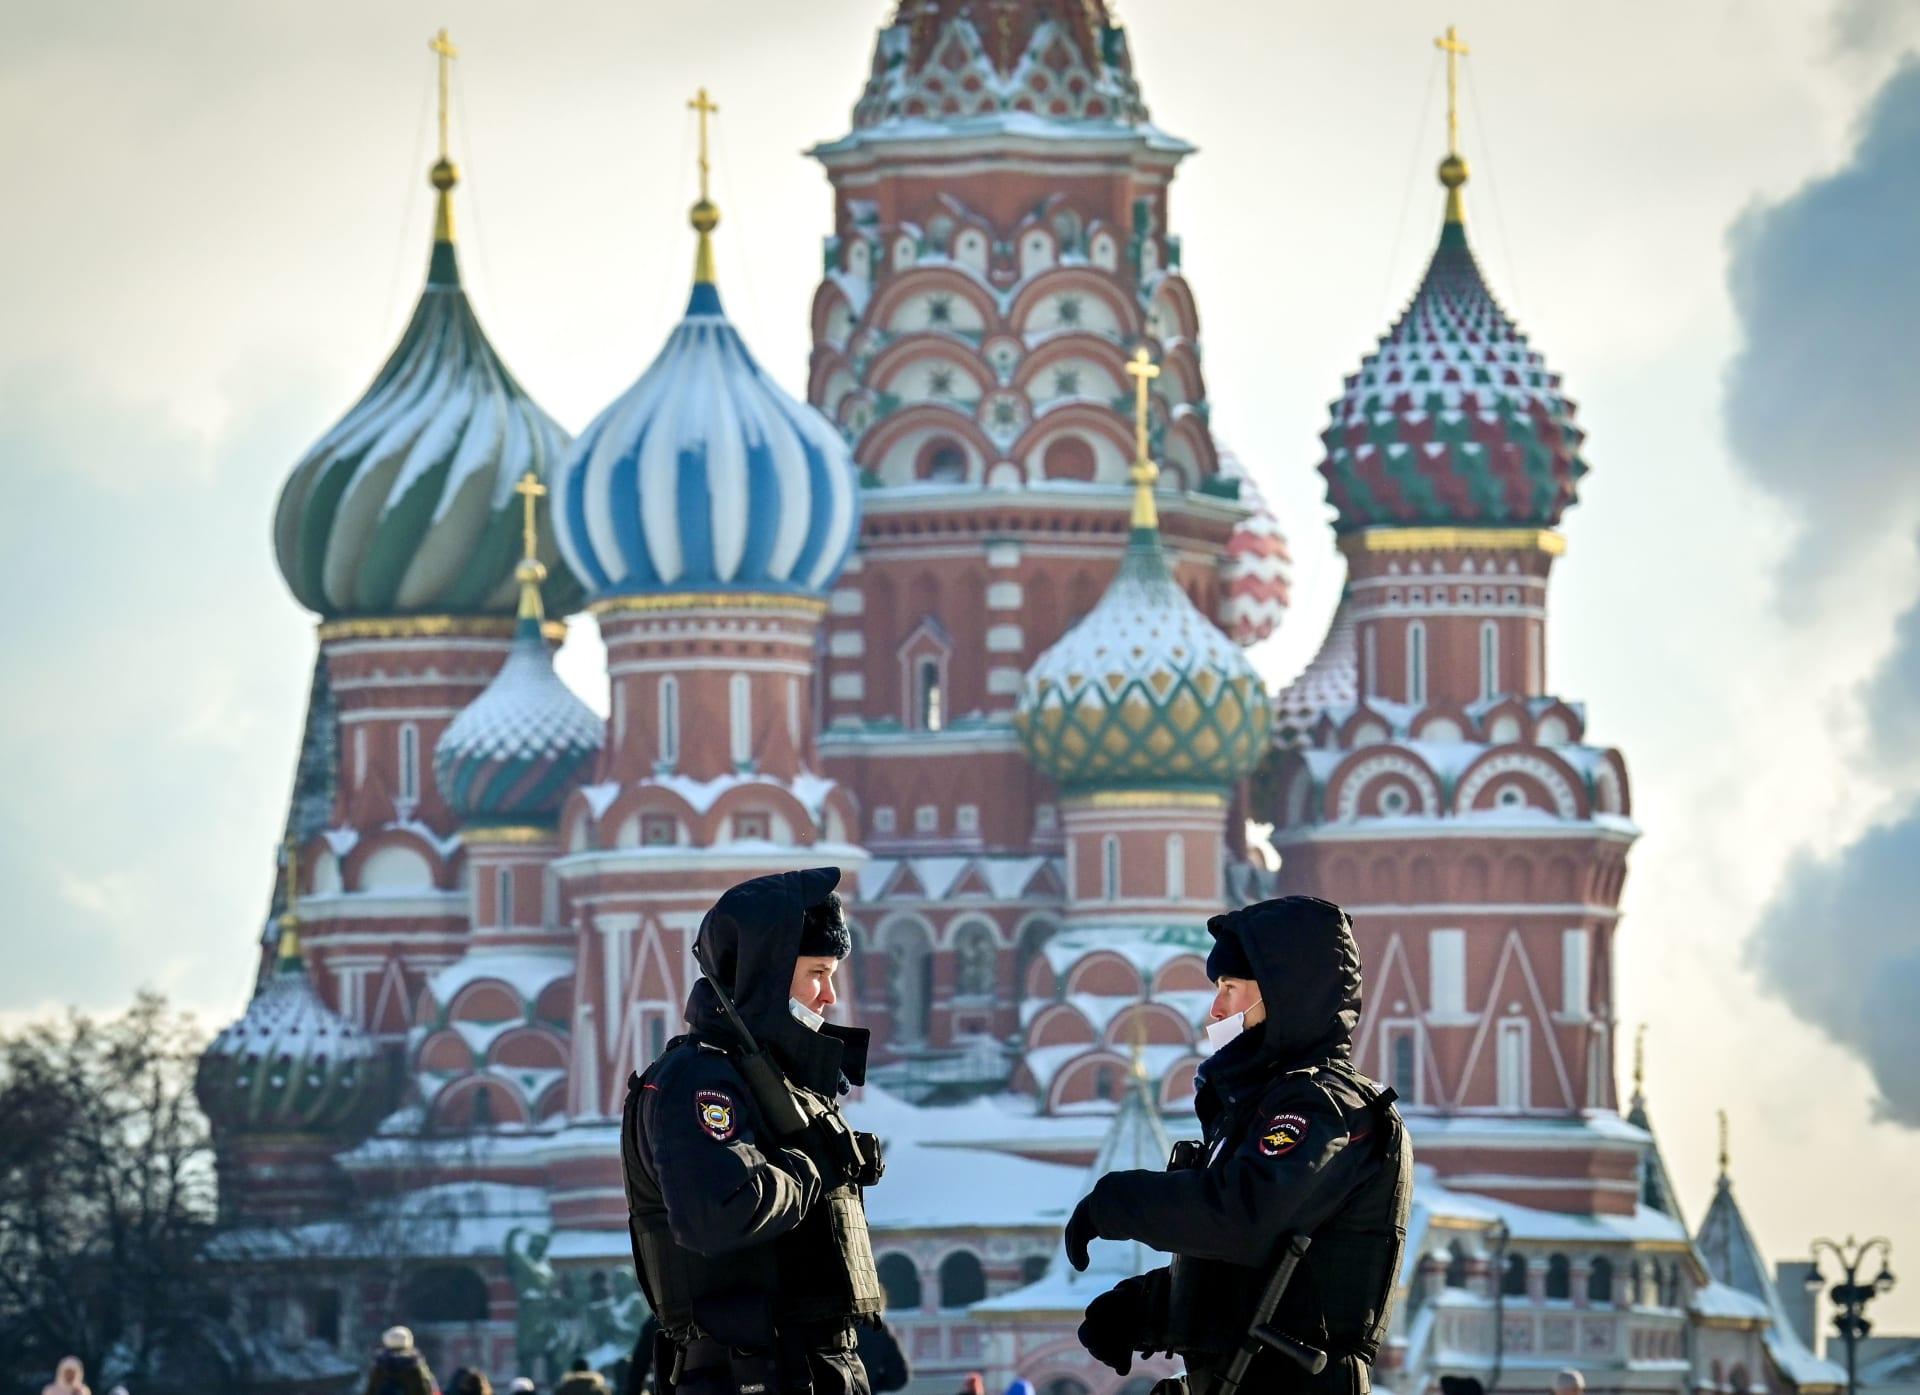 بالأسماء.. روسيا تعلن كبار مسؤولي أمريكا غير المسموح لهم بدخولها بعد عقوبات واشنطن